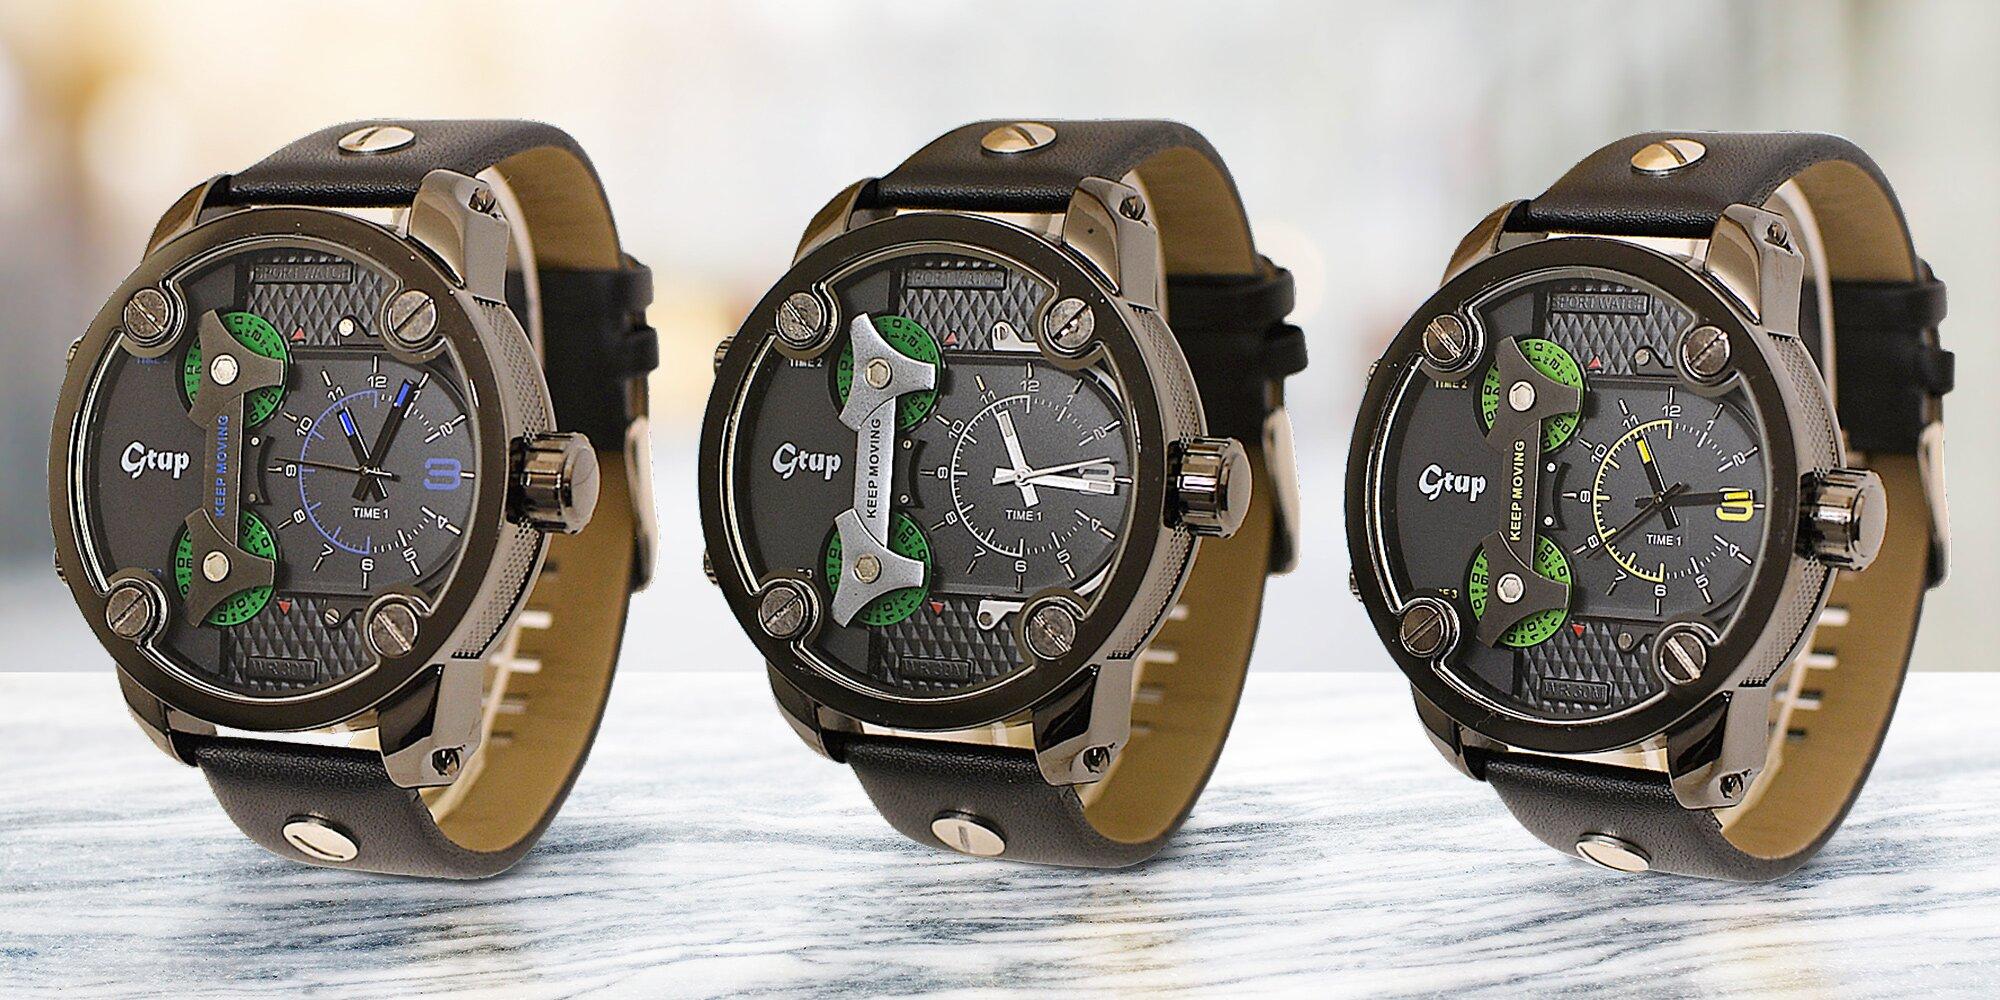 Luxusní pánské hodinky Gtup s velkým ciferníkem  64cb796029